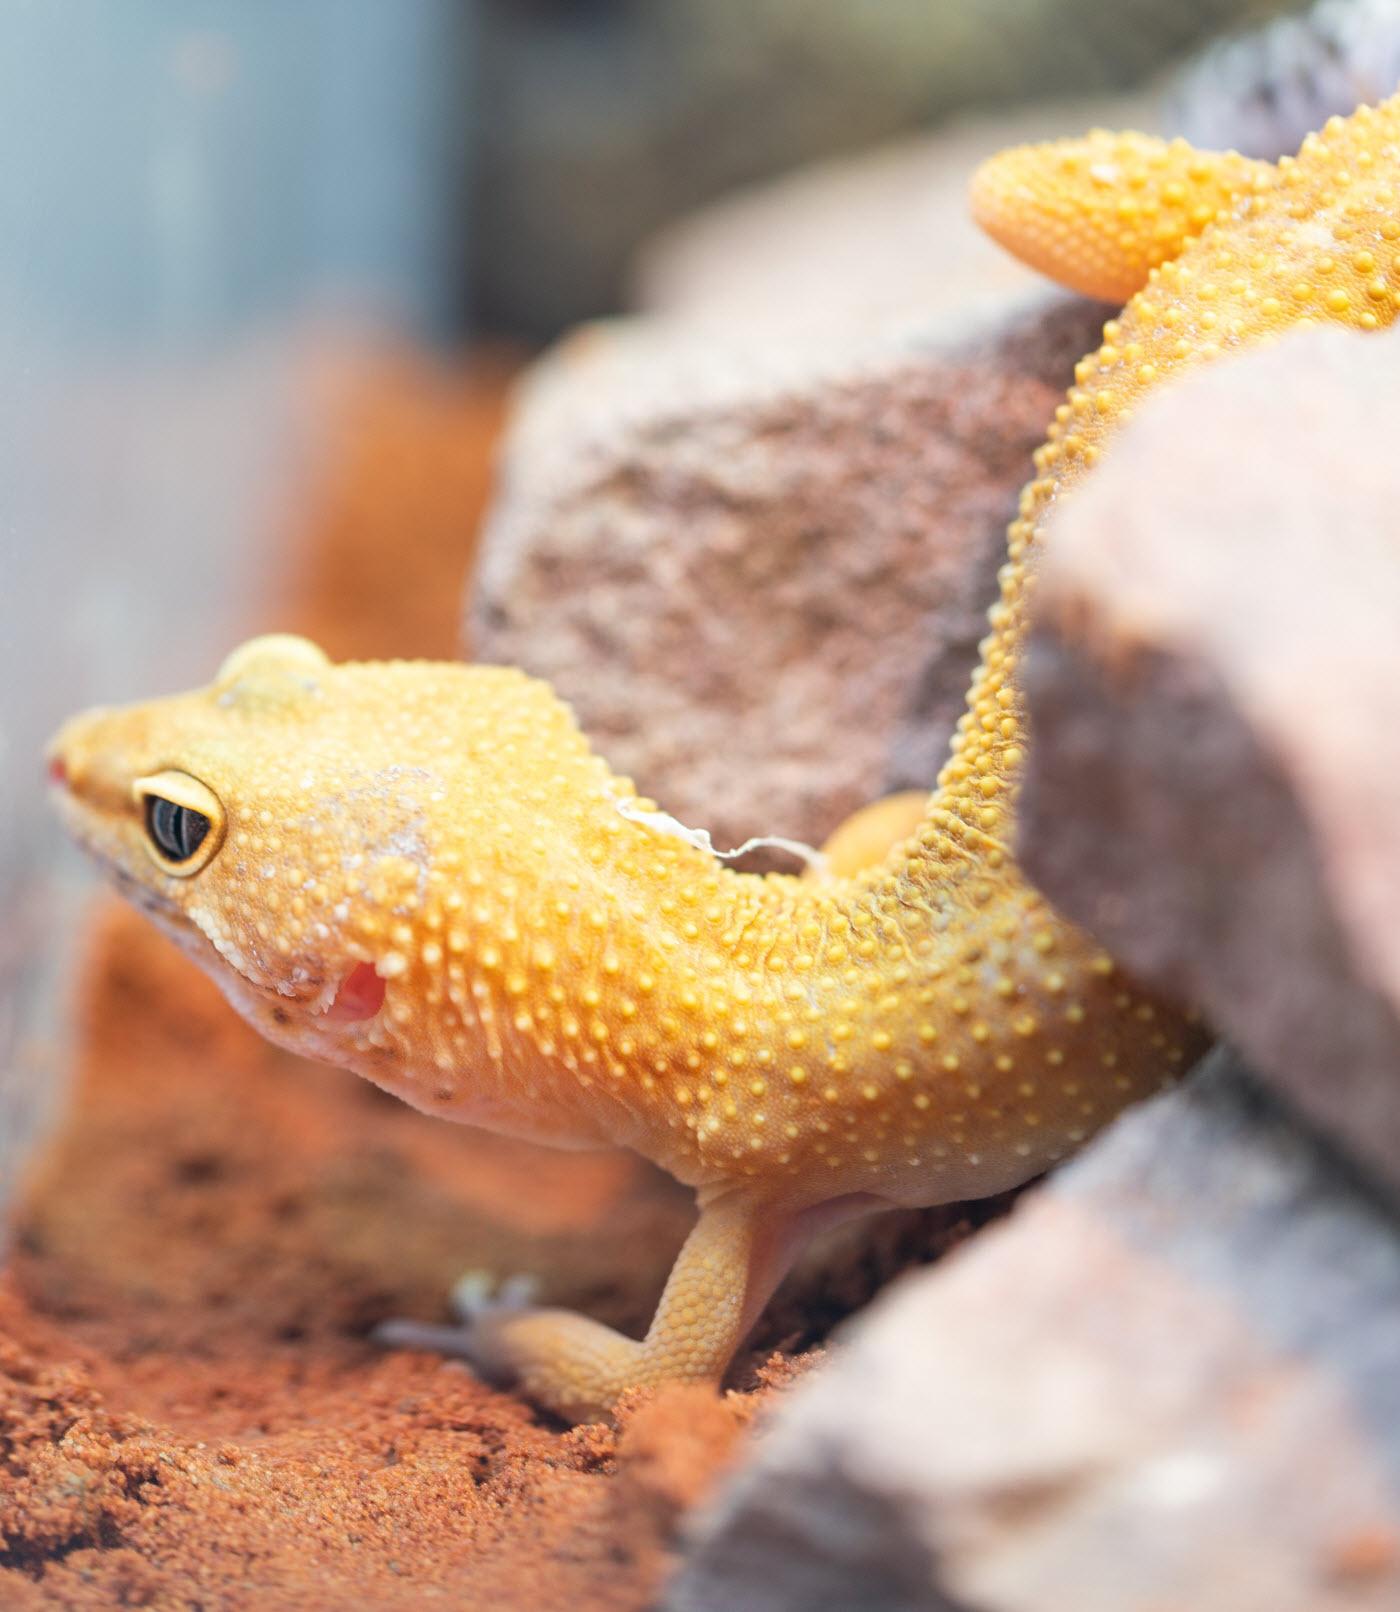 terrrium leopardgecko